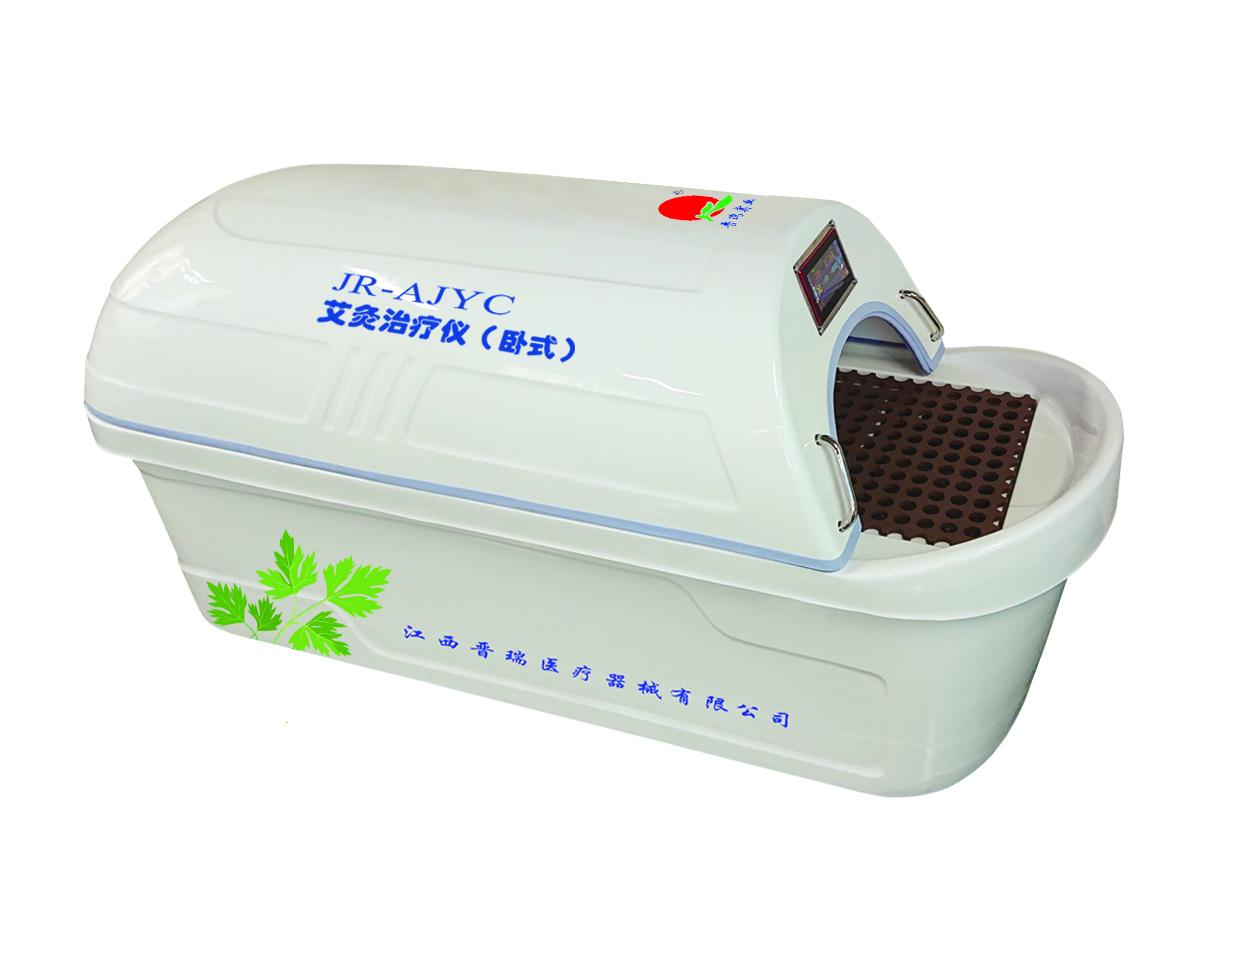 艾灸治療床 艾灸治療儀(臥式) 艾灸治療儀價格 艾灸治療儀效果